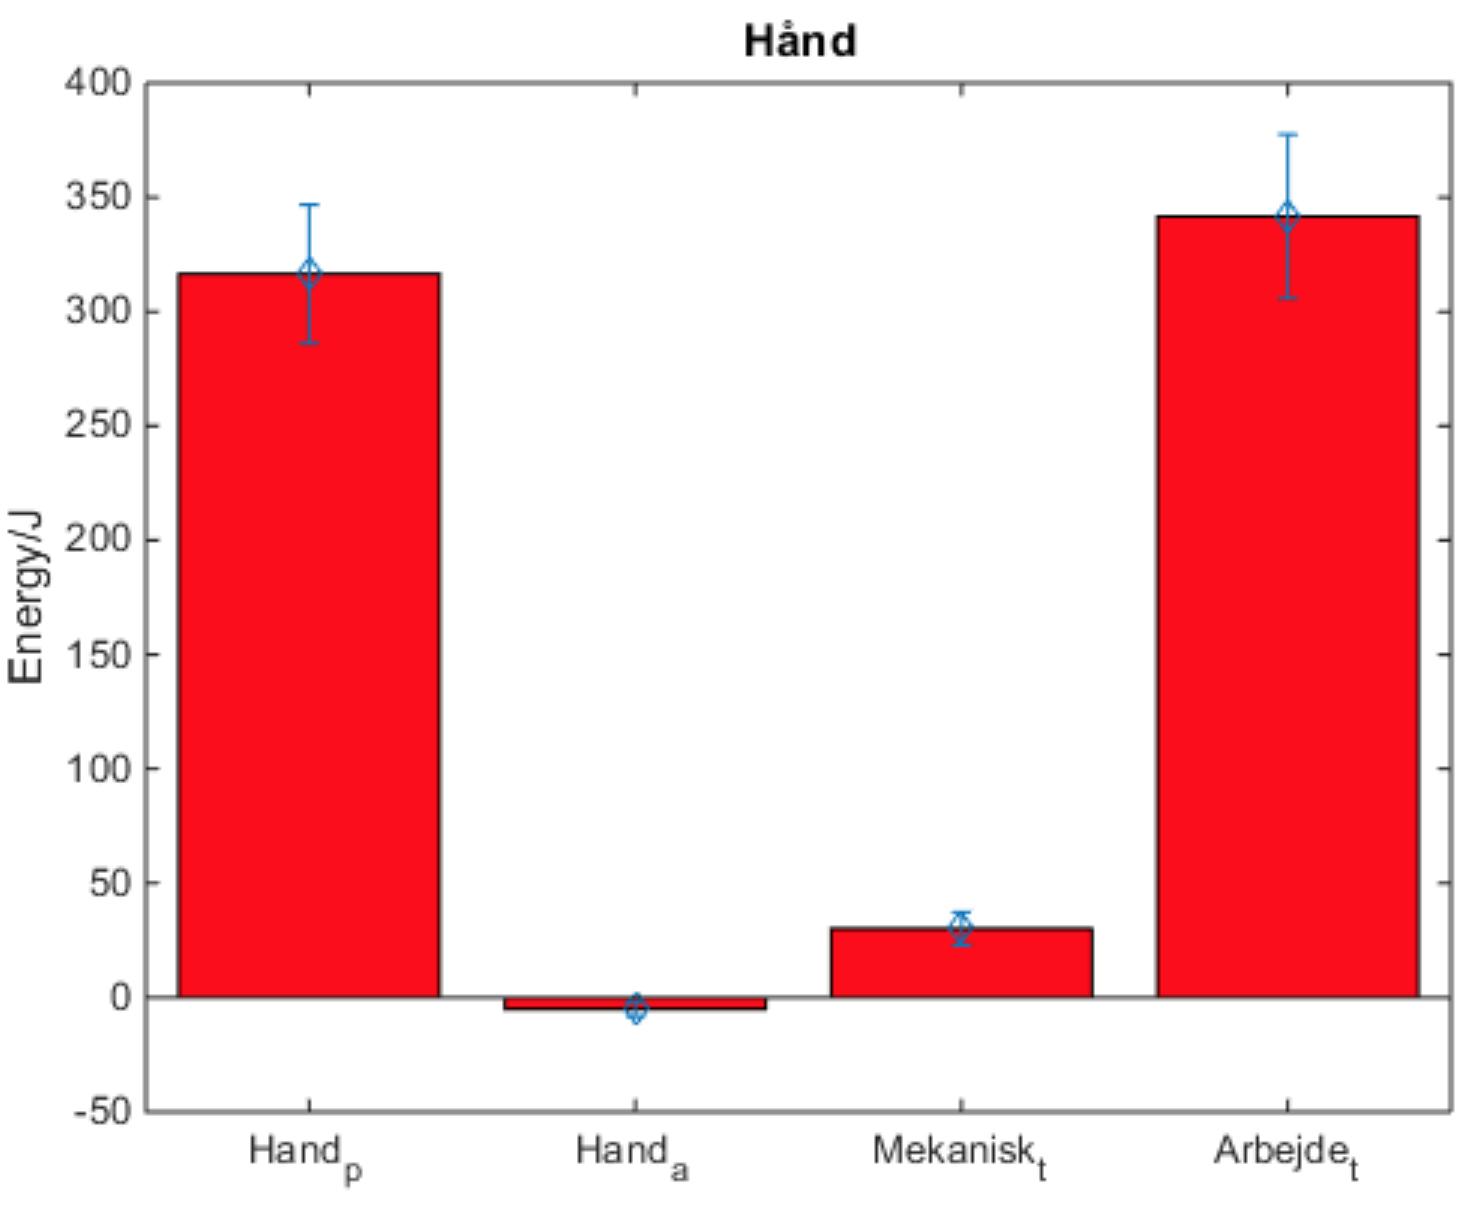 Figure 6: Øverst: Arbejde udført på humerus. Midten: Arbejde udført på underarmen. Nederst: Arbejde udført på hånden.p betegner passiv, a betegner aktiv, t betegner total. Blå viser standardafvigelsen på gennemsnitsberegningen.